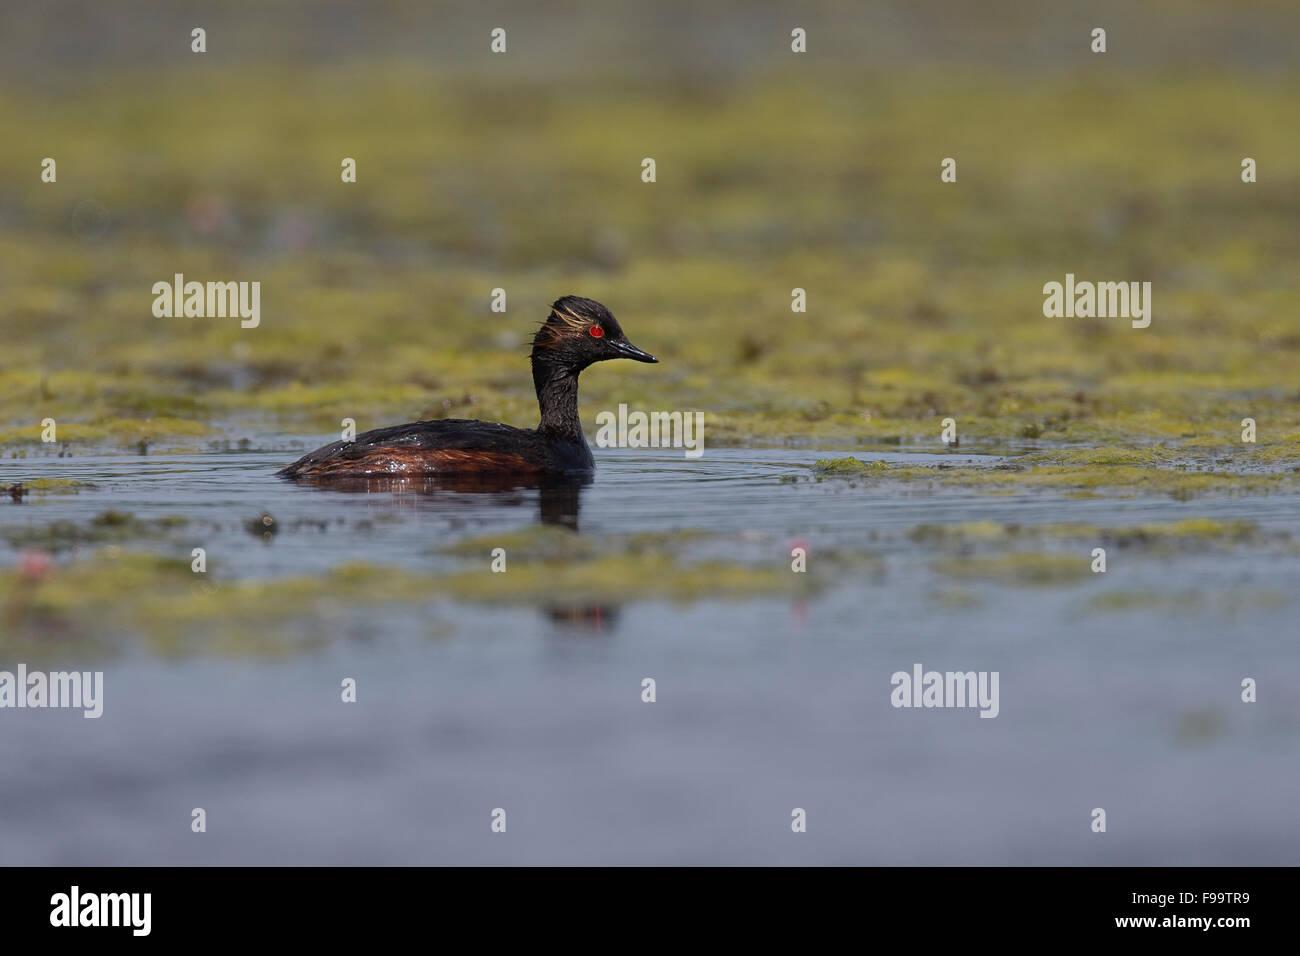 Black-necked grebe, Schwarzhalstaucher, Schwarzhals-Taucher, Taucher, Podiceps nigricollis - Stock Image